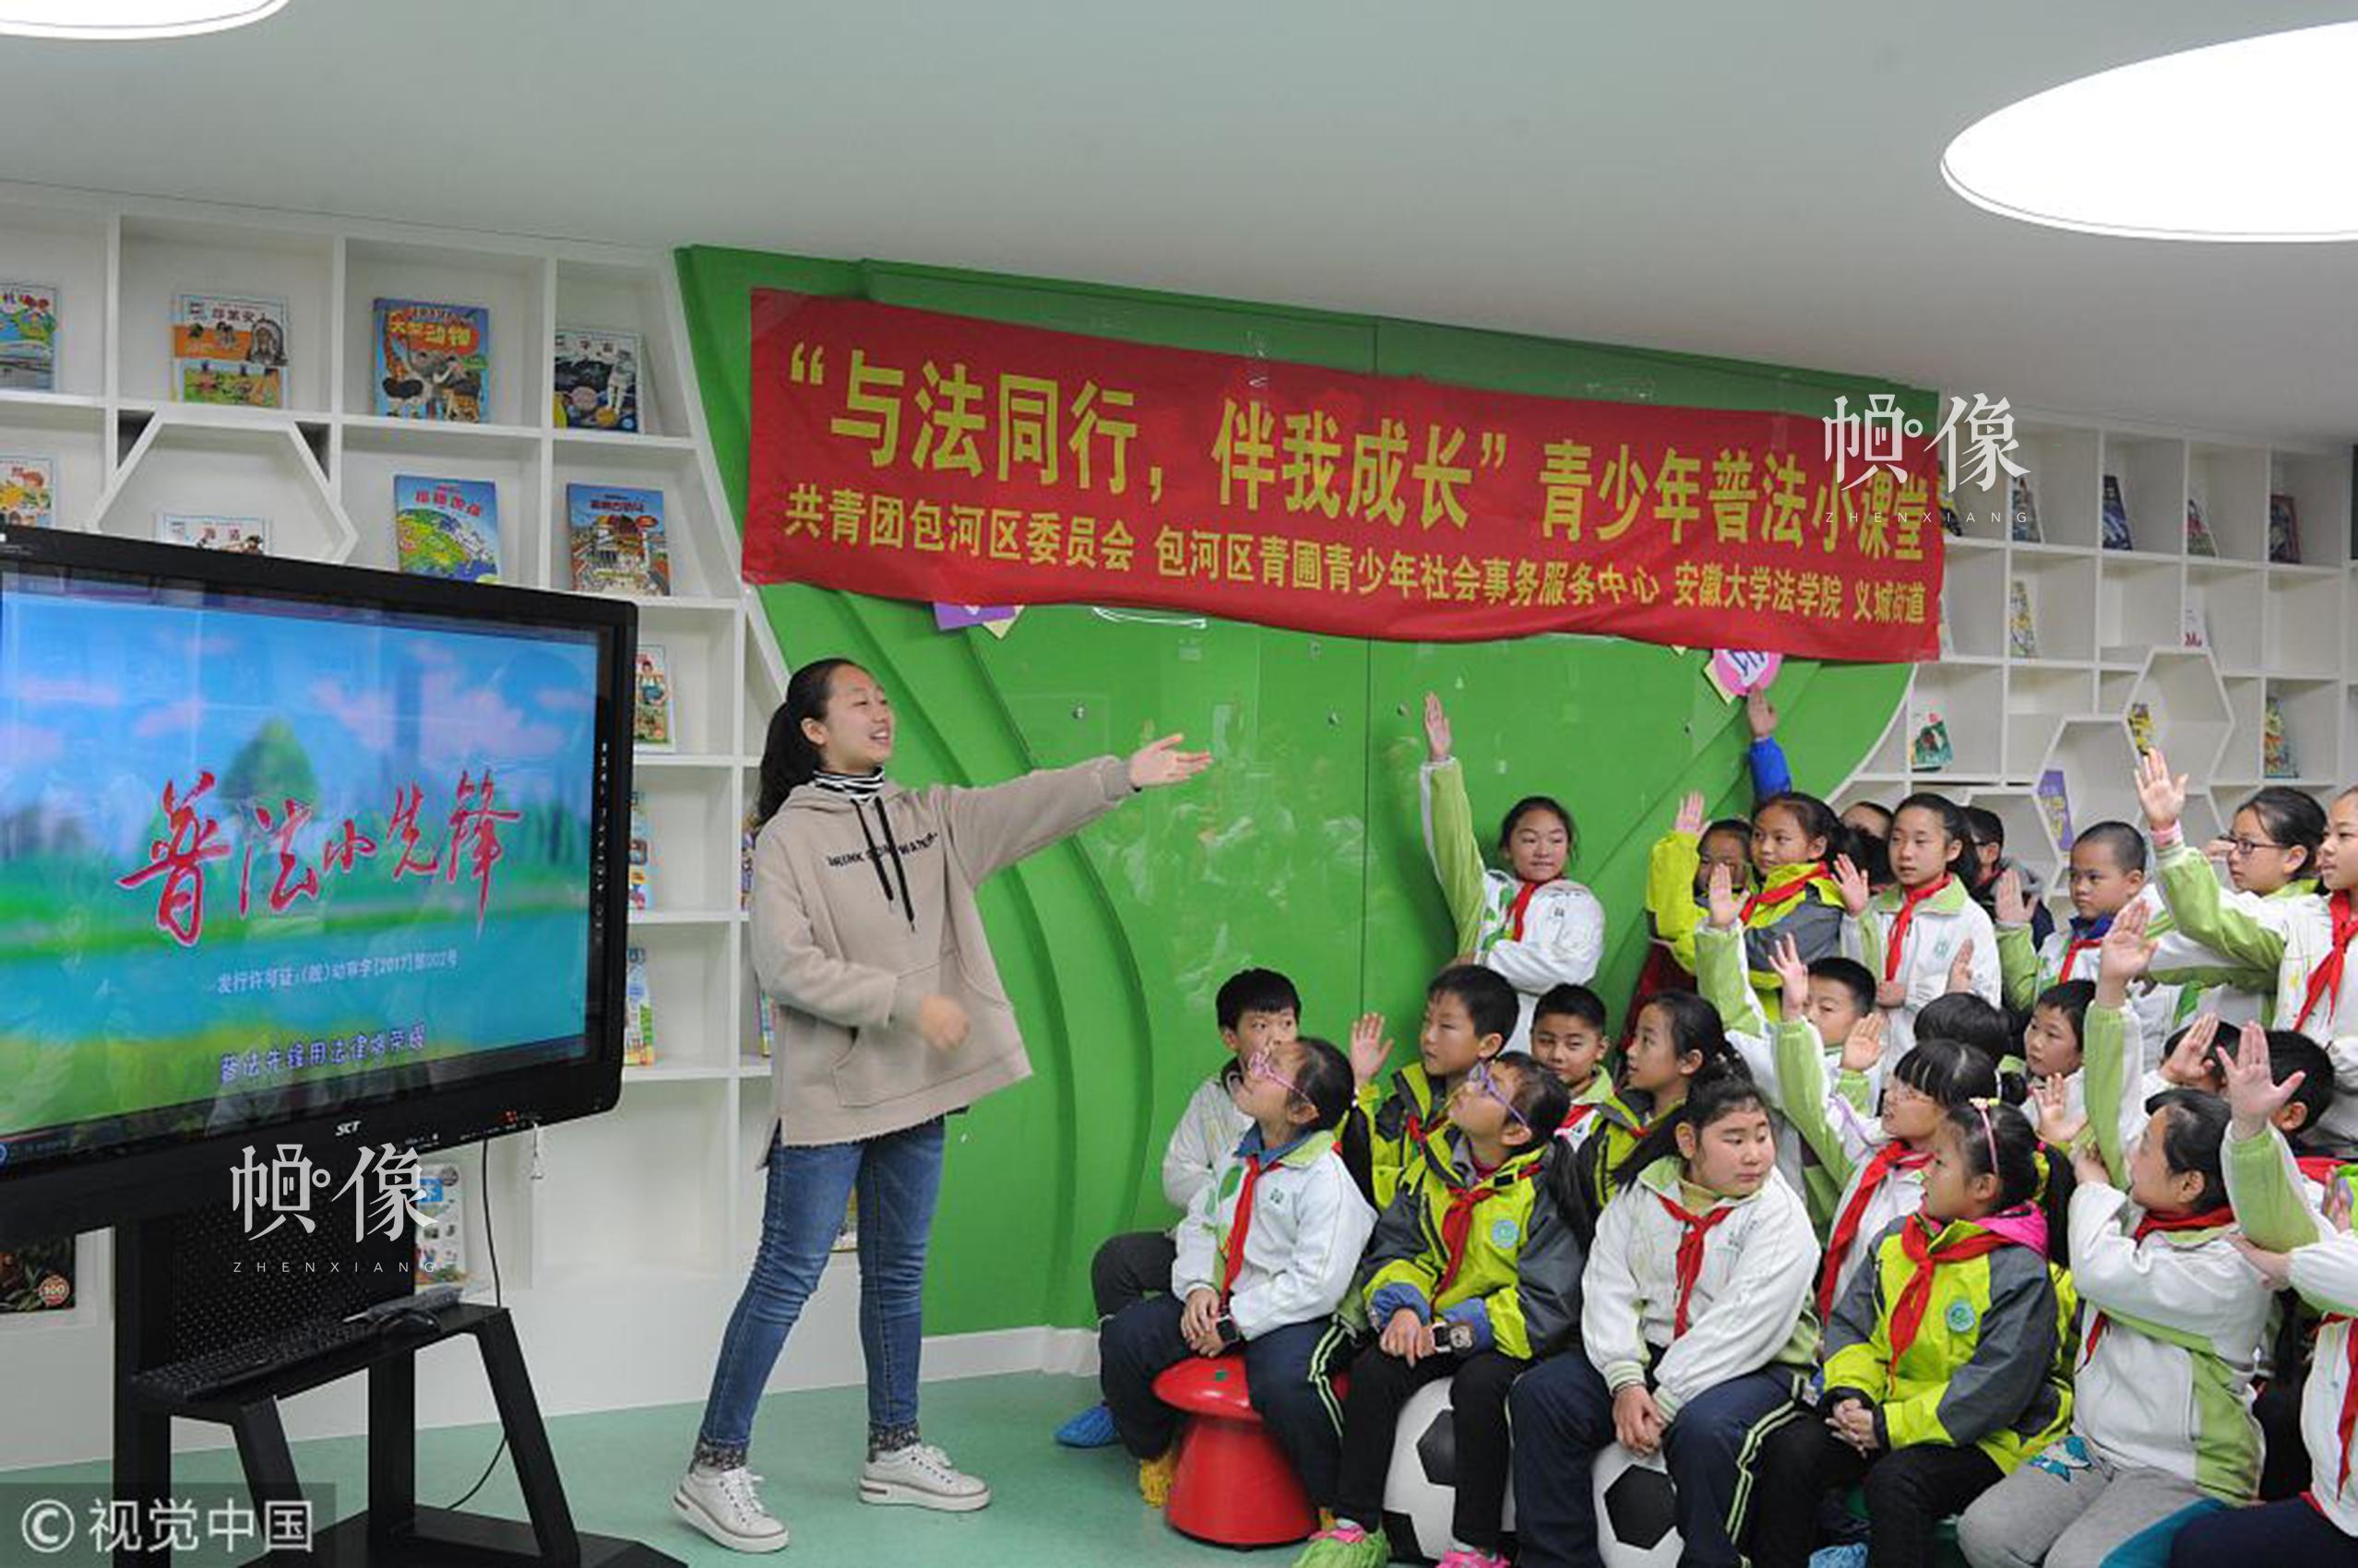 """2017年11月30日,合肥,法学院志愿者在普法小课堂与学生互动。当日,中国法制宣传日即将来临之际,在安徽合肥义城街道华山路小学,开展""""与法同行,伴我成长""""青少年普法小课堂活动。通过现场教学,互动交流,观看视频的方式,将未成年人保护法、交通法带入学校,普及给同学们,营造良好的知法懂法守法的氛围。视觉中国"""